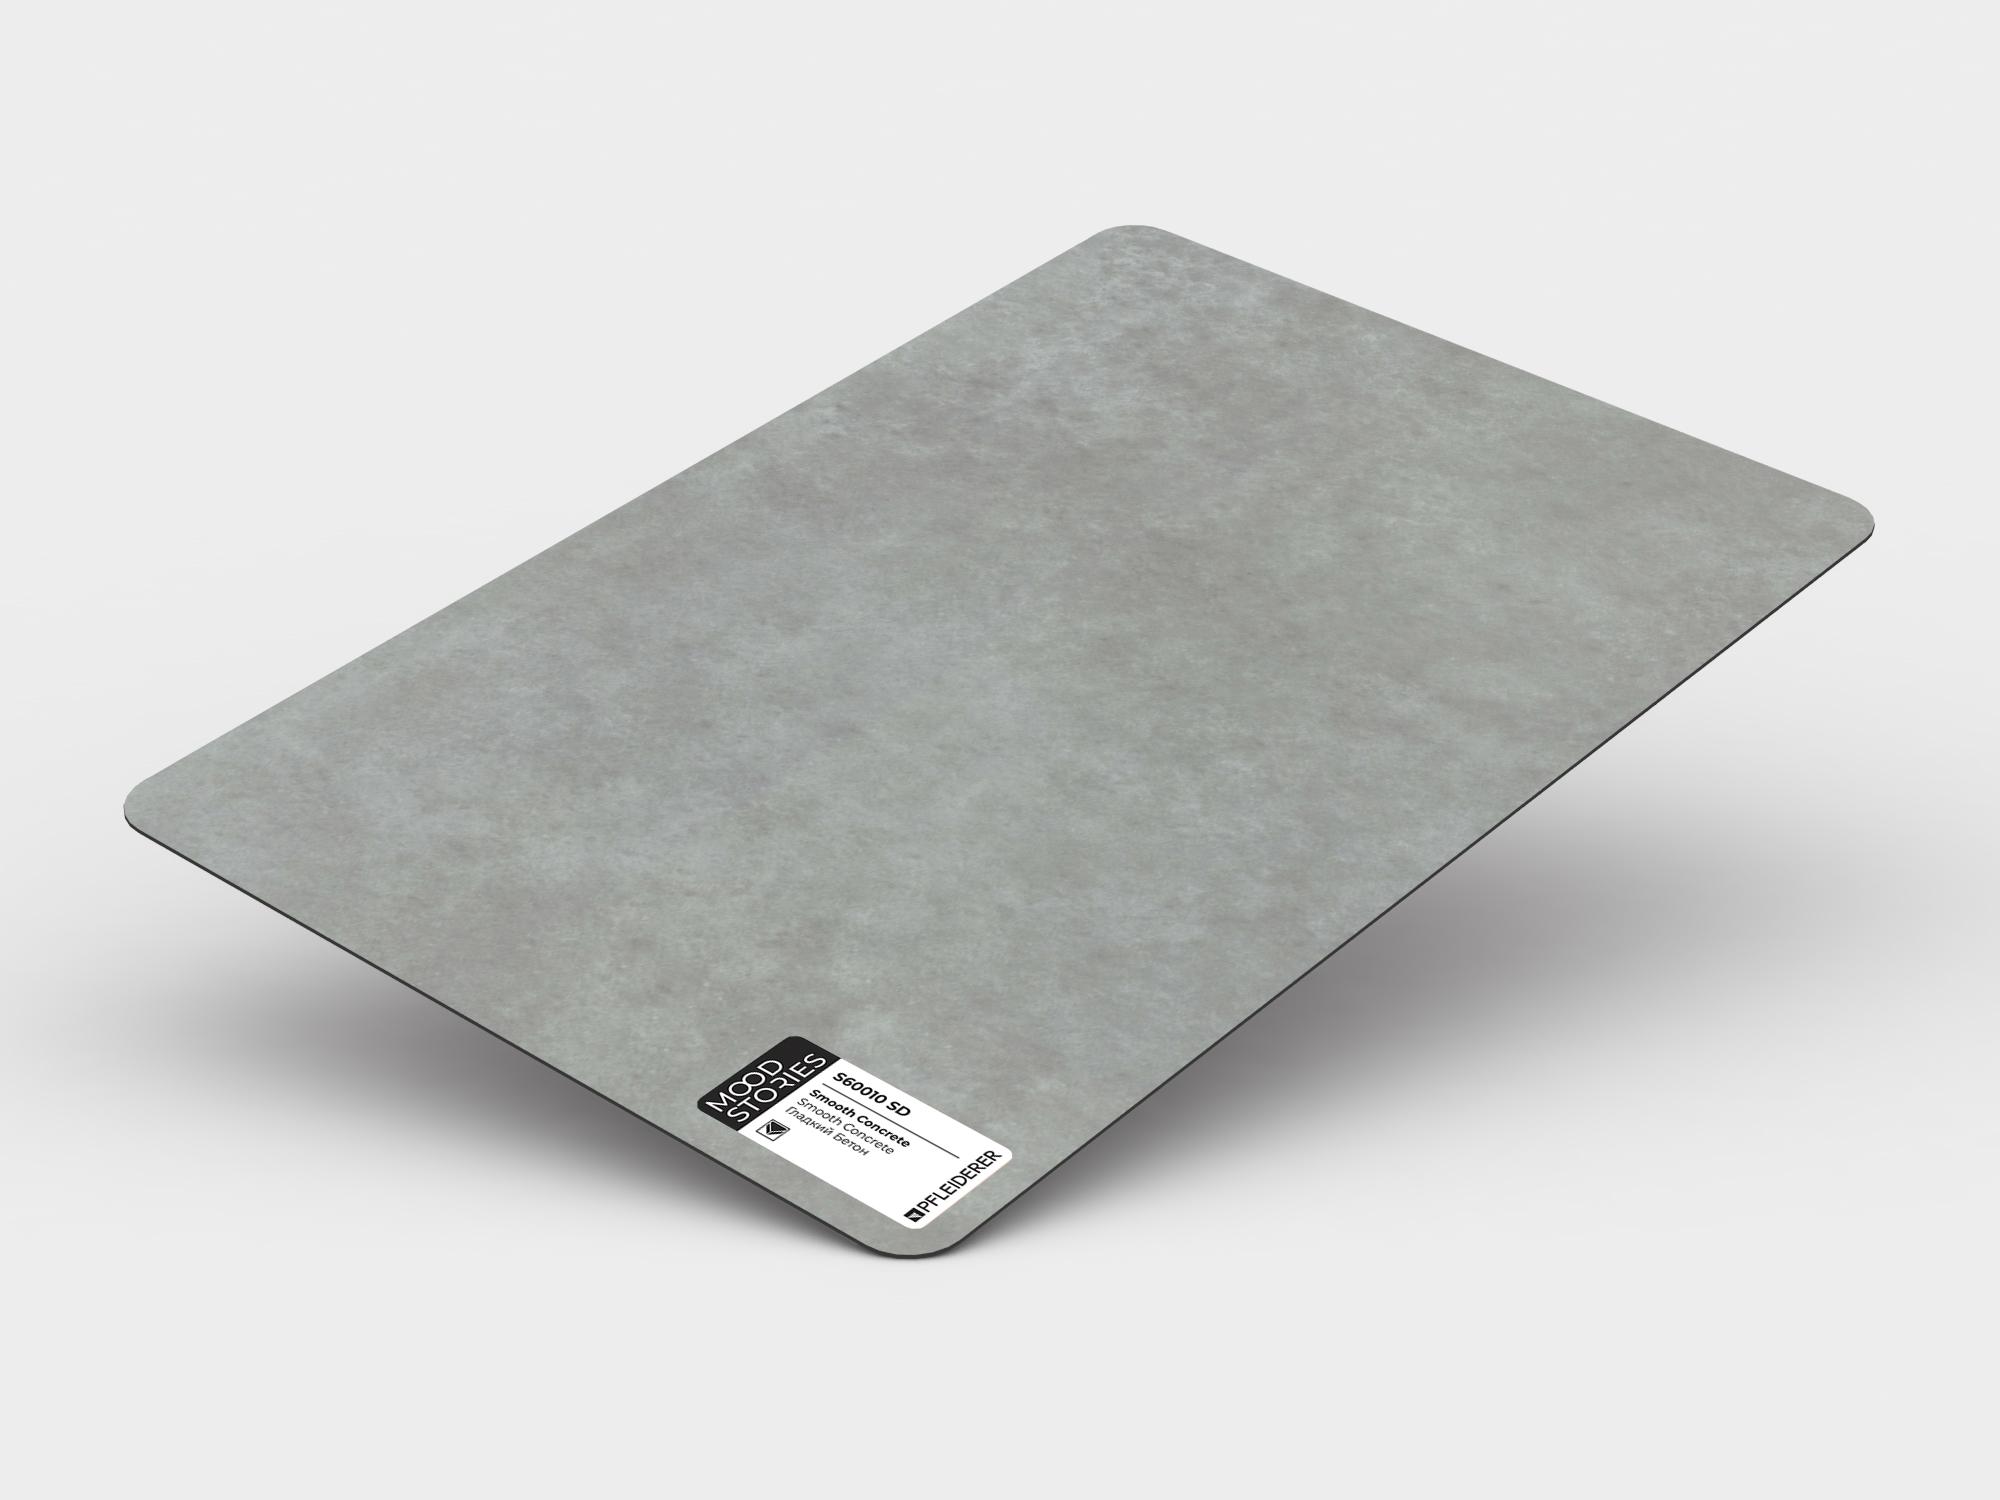 Smooth Concrete S60010 SD